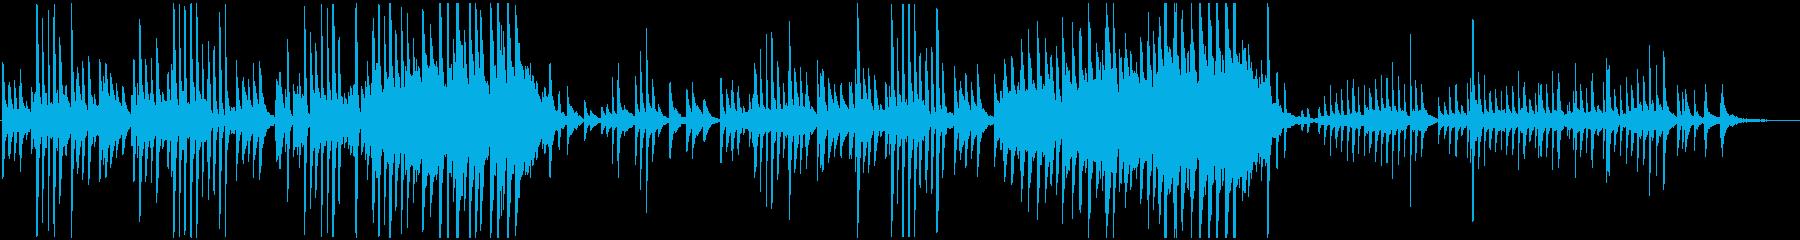 ピアノソロ・日常・ルーティン・優しいの再生済みの波形